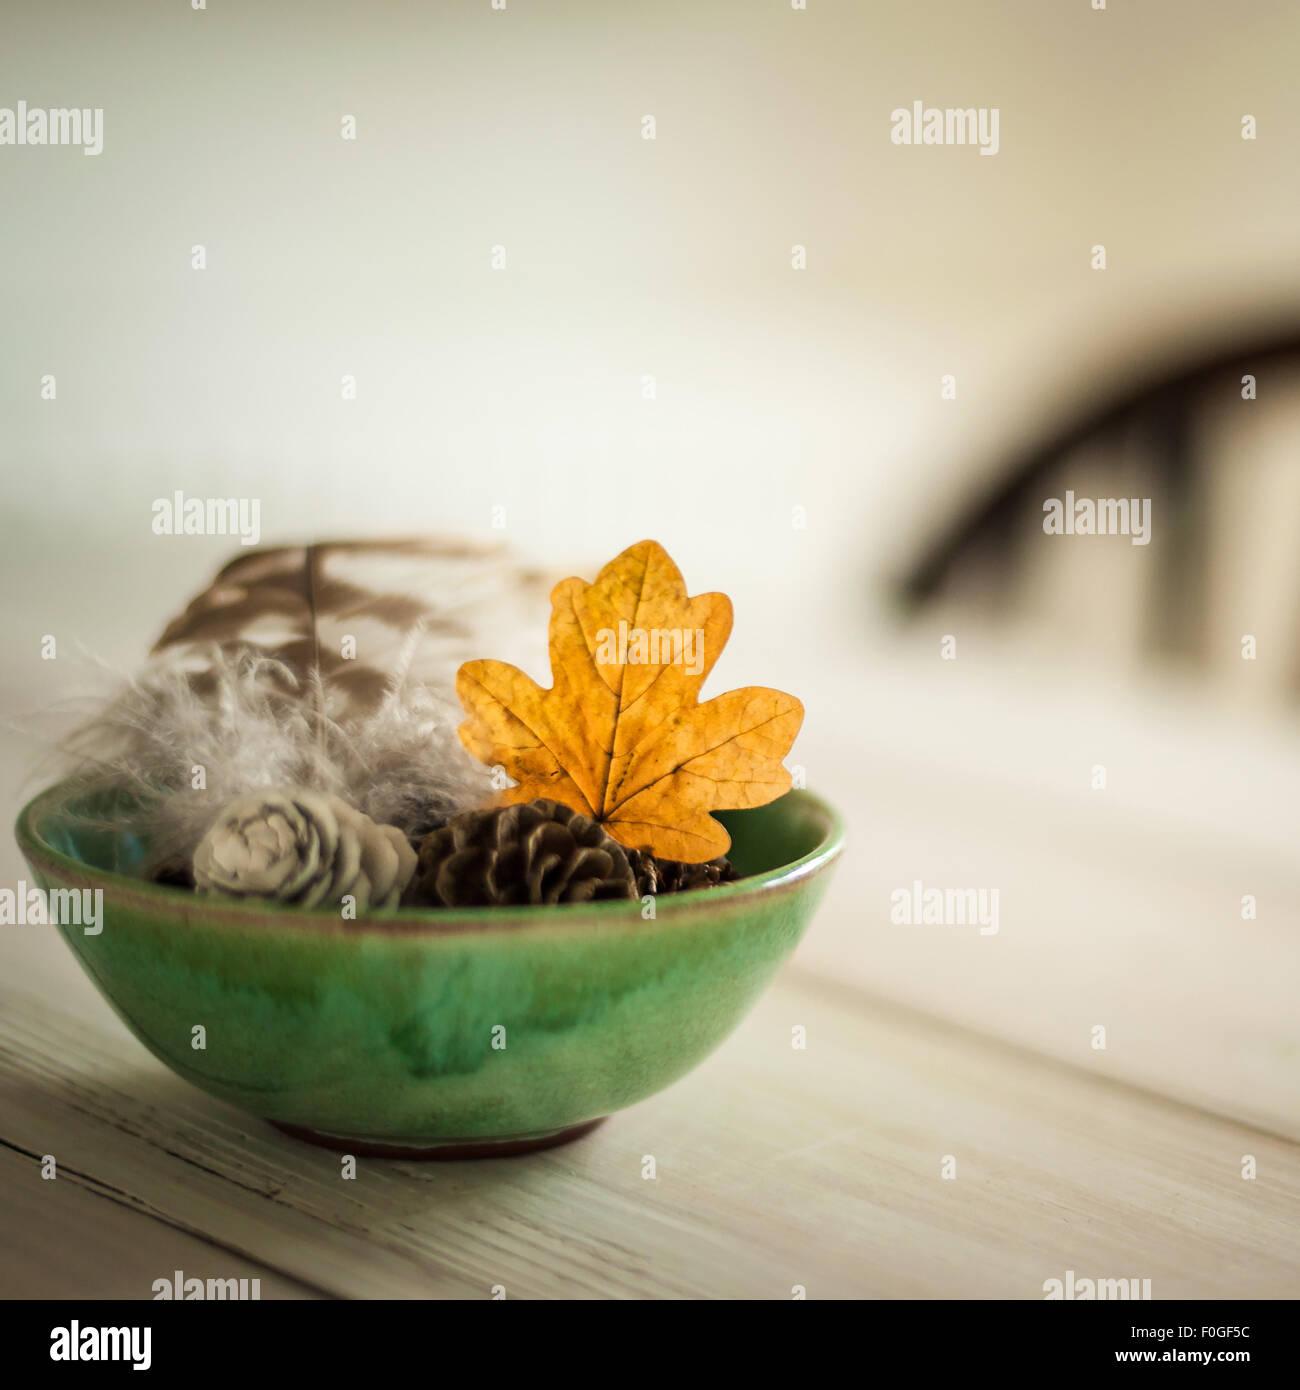 versammelten sich Blätter, Tannenzapfen und Feder in einer grünen Schale auf dem Tisch, mit unscharfen Stuhl im Stockfoto